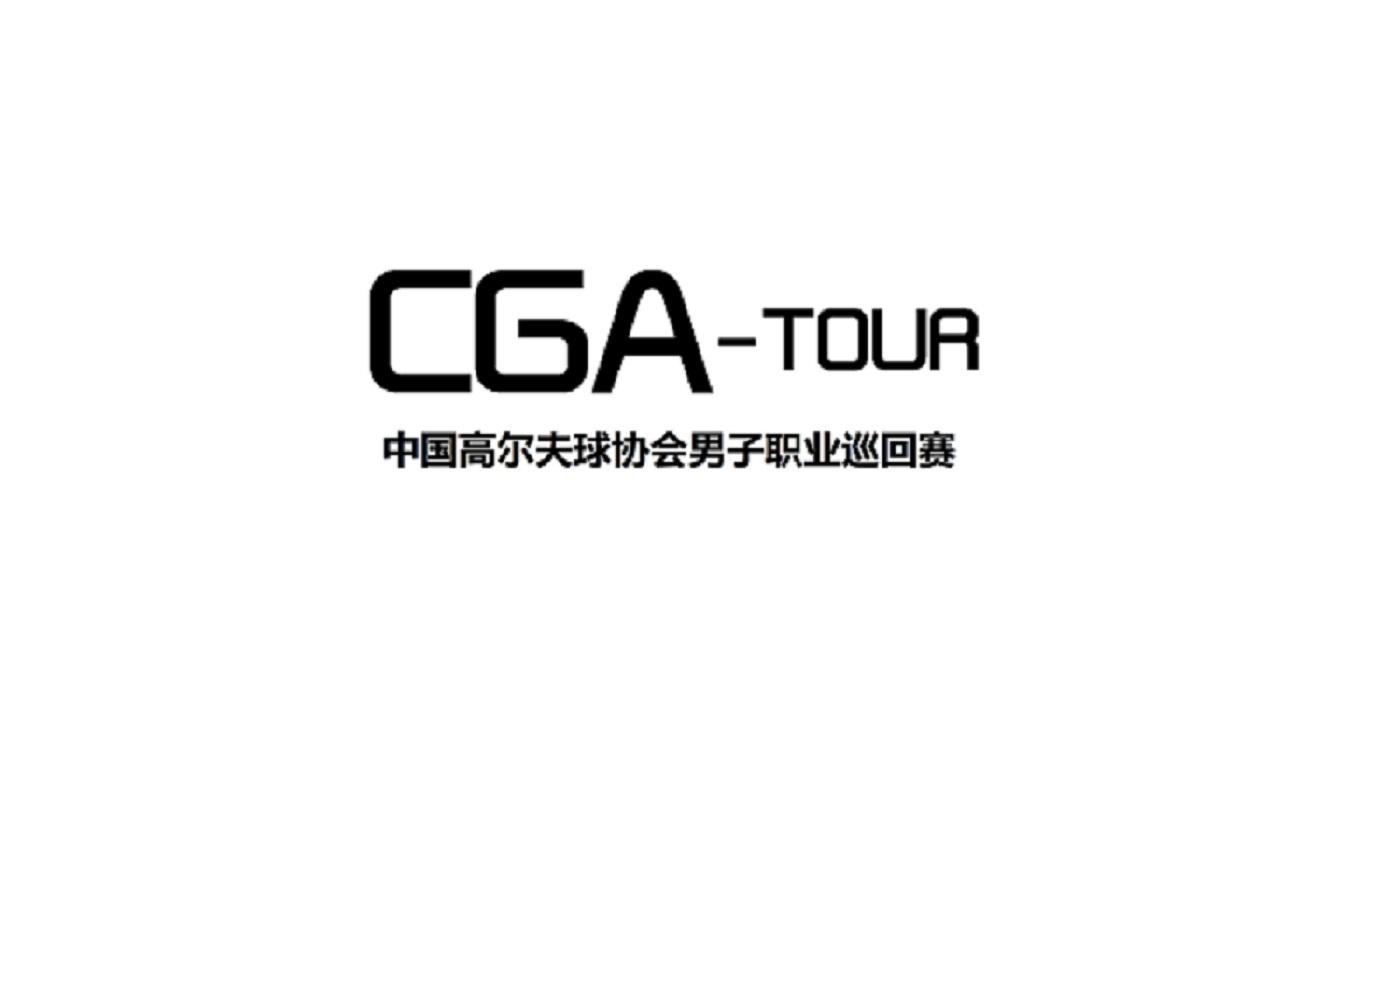 中国高尔夫球协会男子职业巡回赛 CGA-TOURlogo